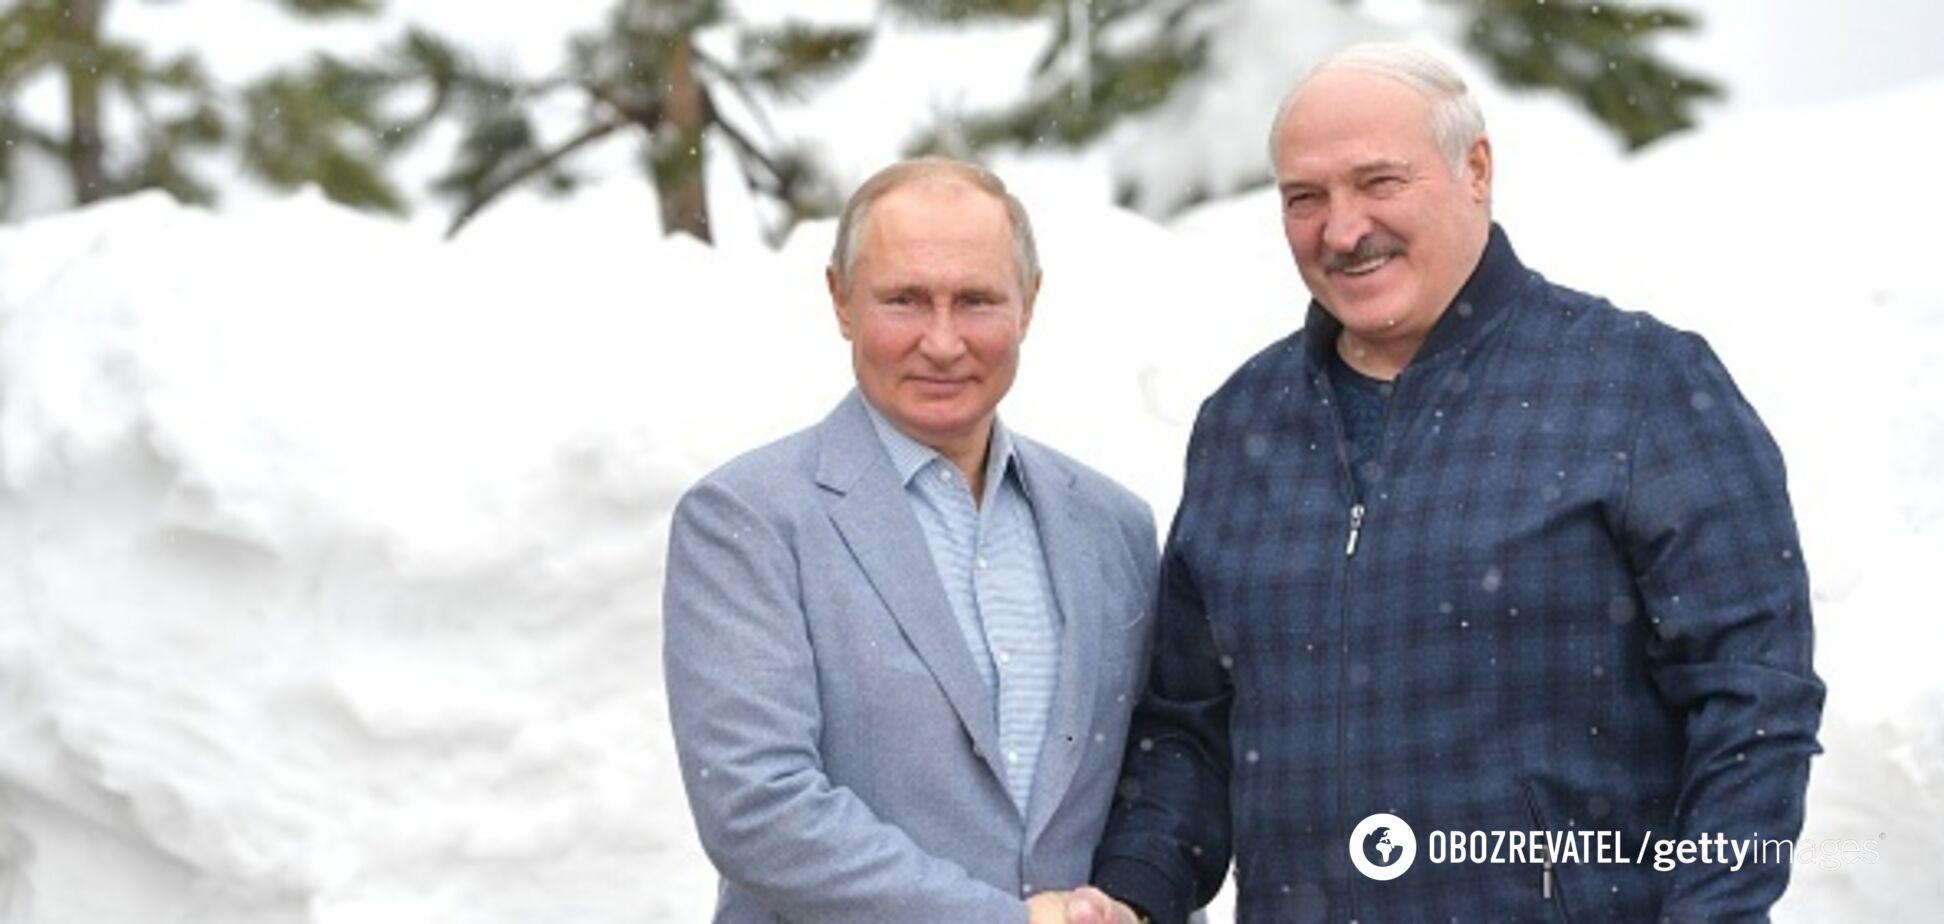 Глави Росії та Білорусі Володимир Путін і Олександр Лукашенко